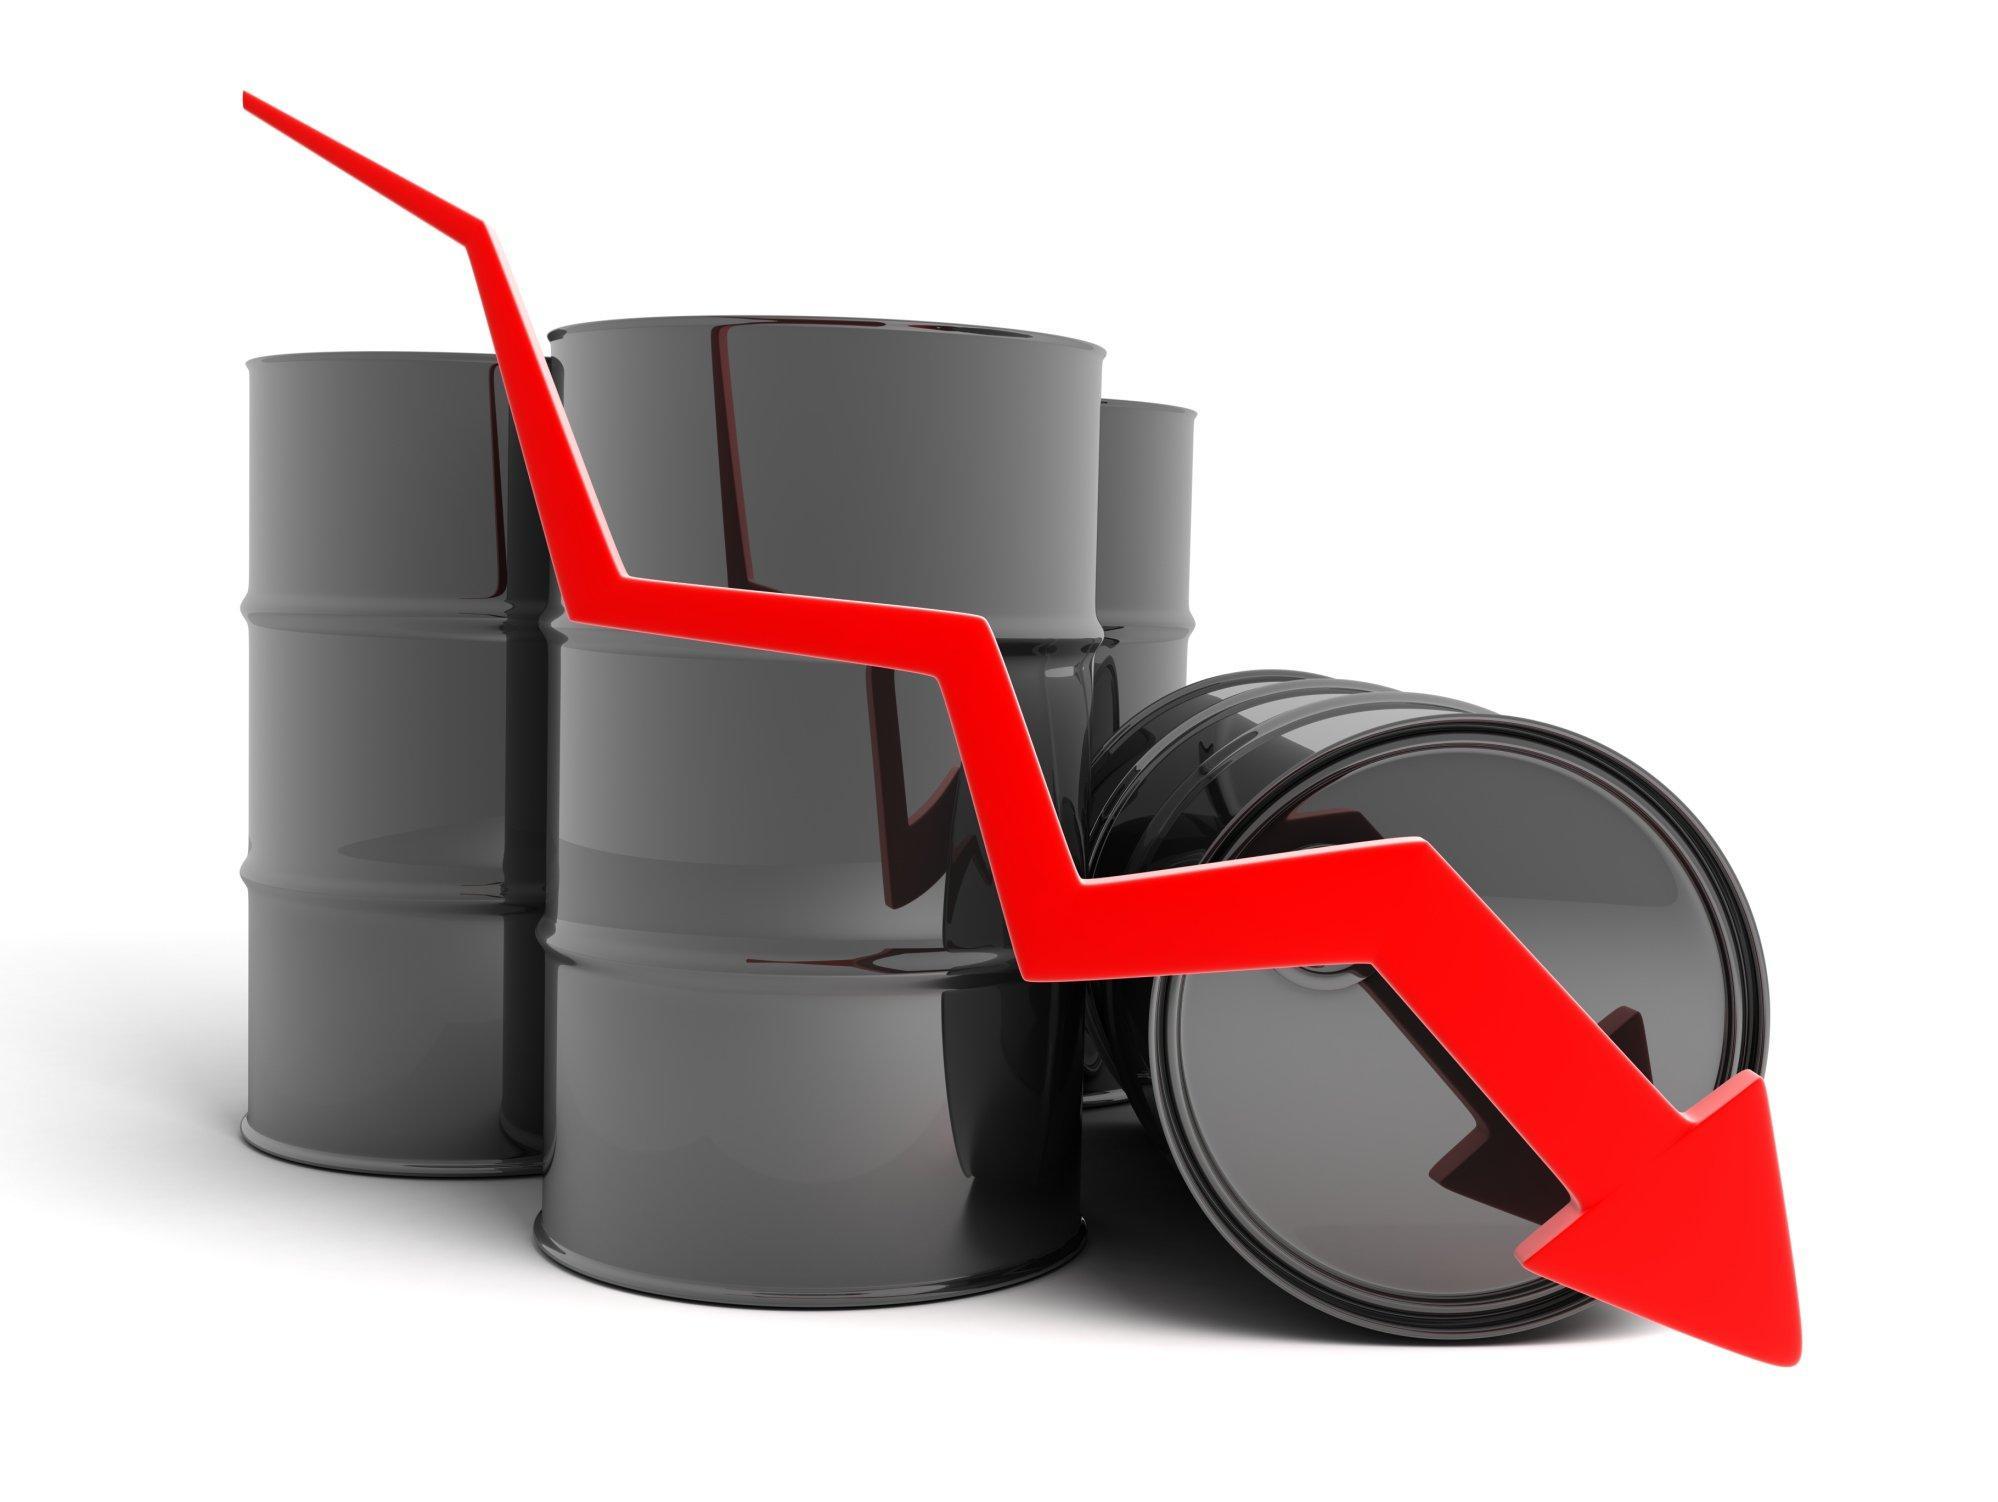 İEA 2016-cı il üçün qlobal neft tələbini azaldıb